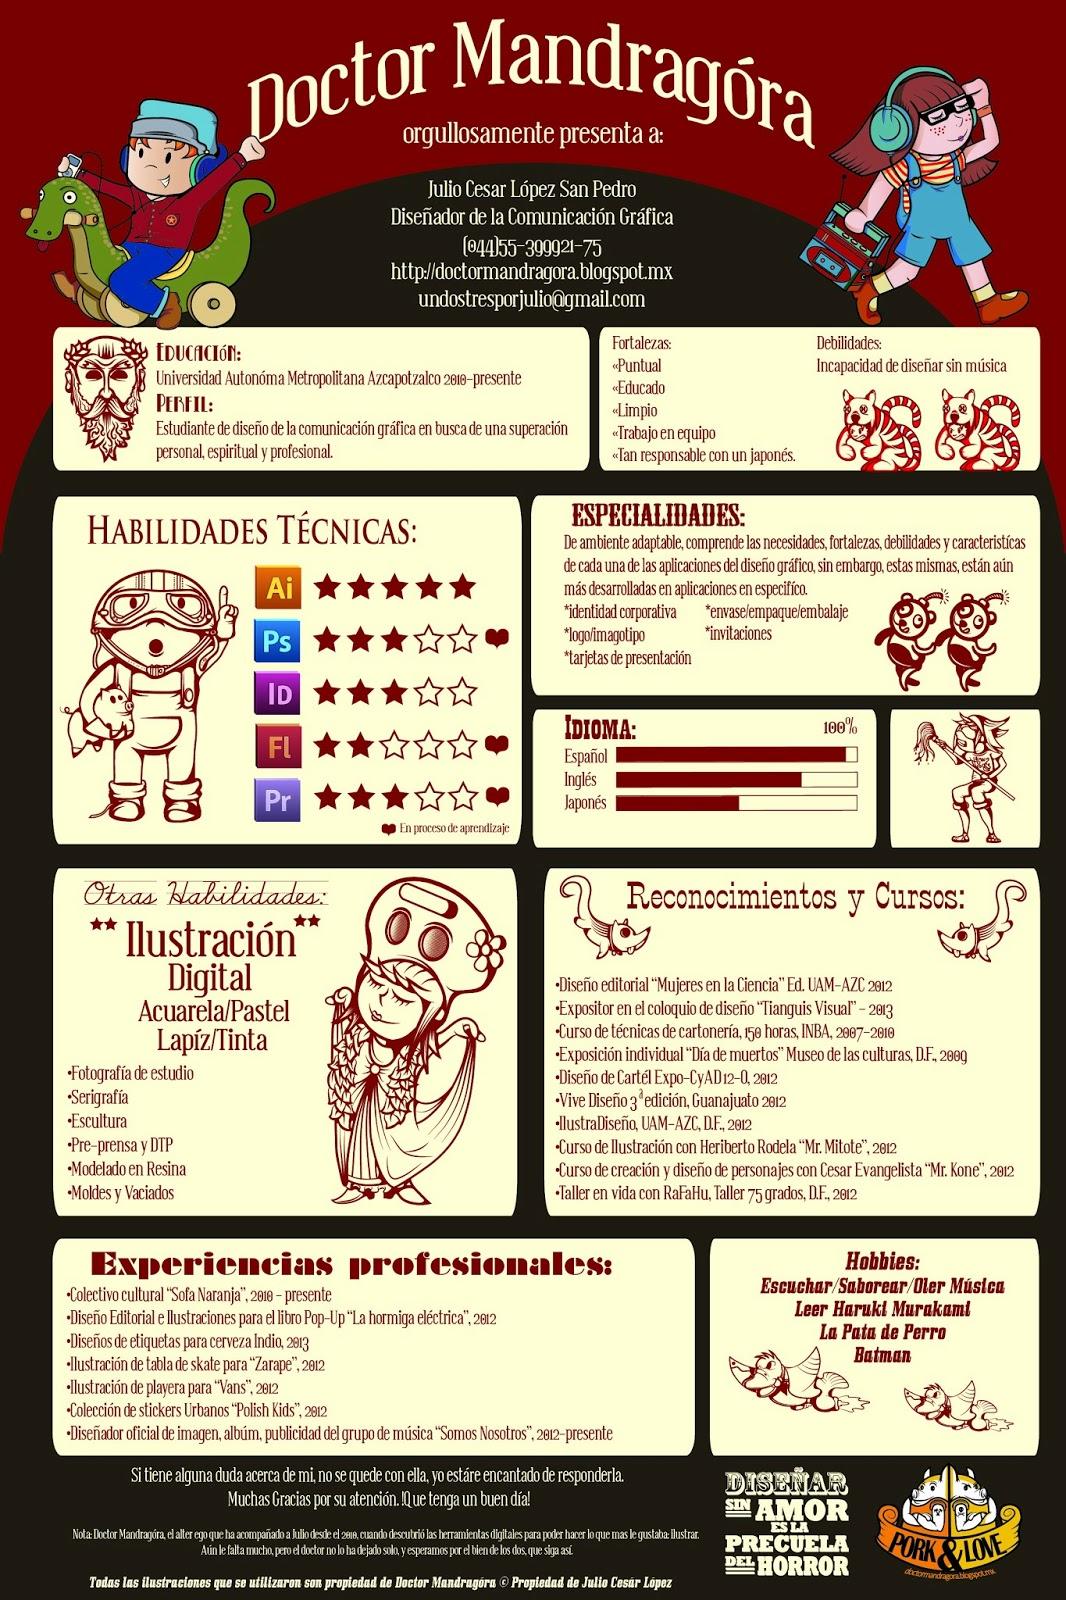 El Laboratorio del Dr. Mandragora: Curriculum Vitae